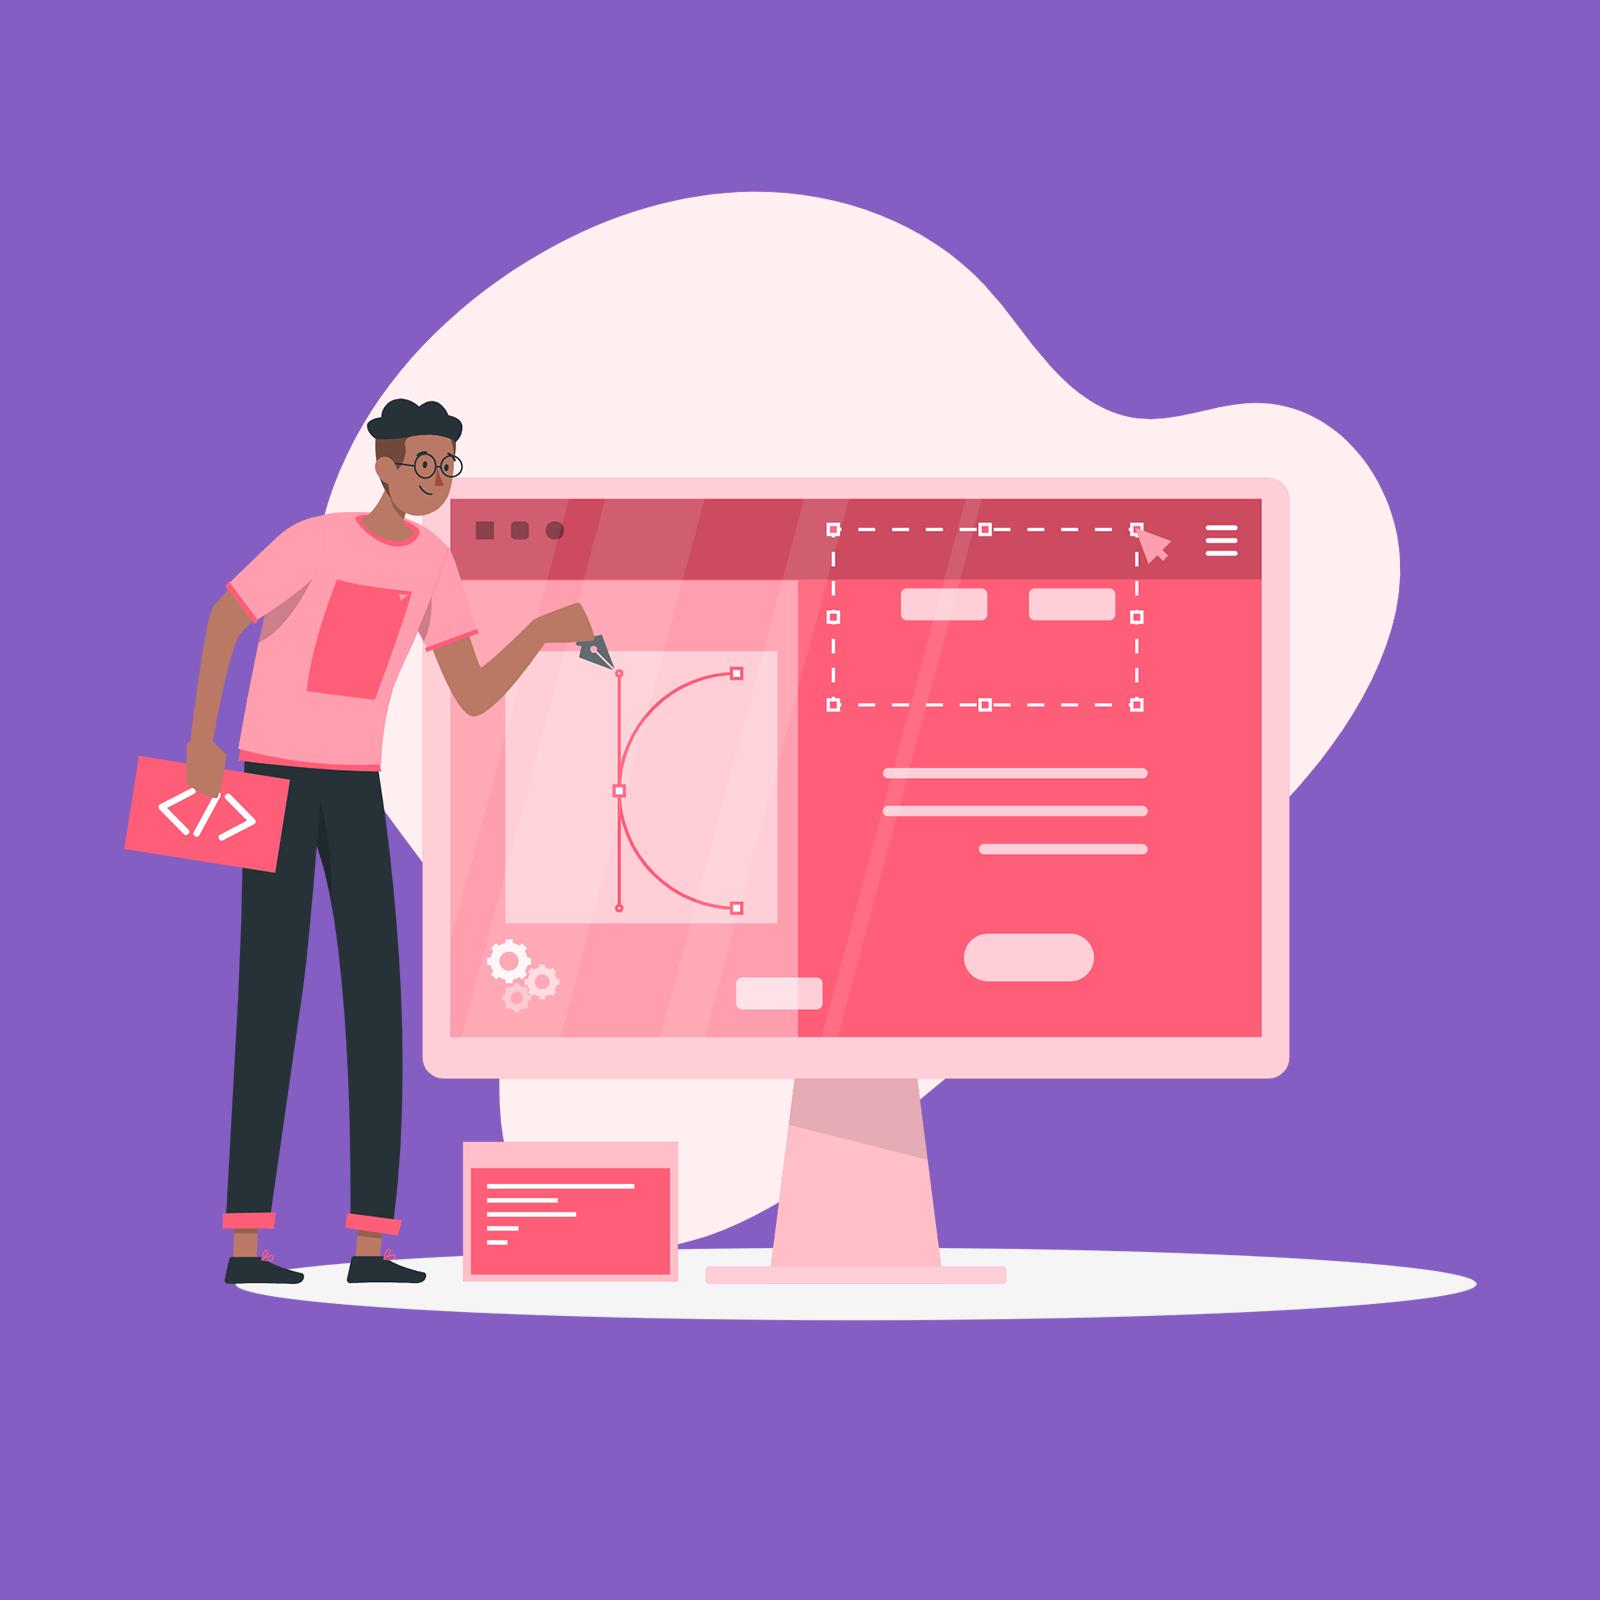 دوره ی طراحی و برنامه نویسی وب سایت